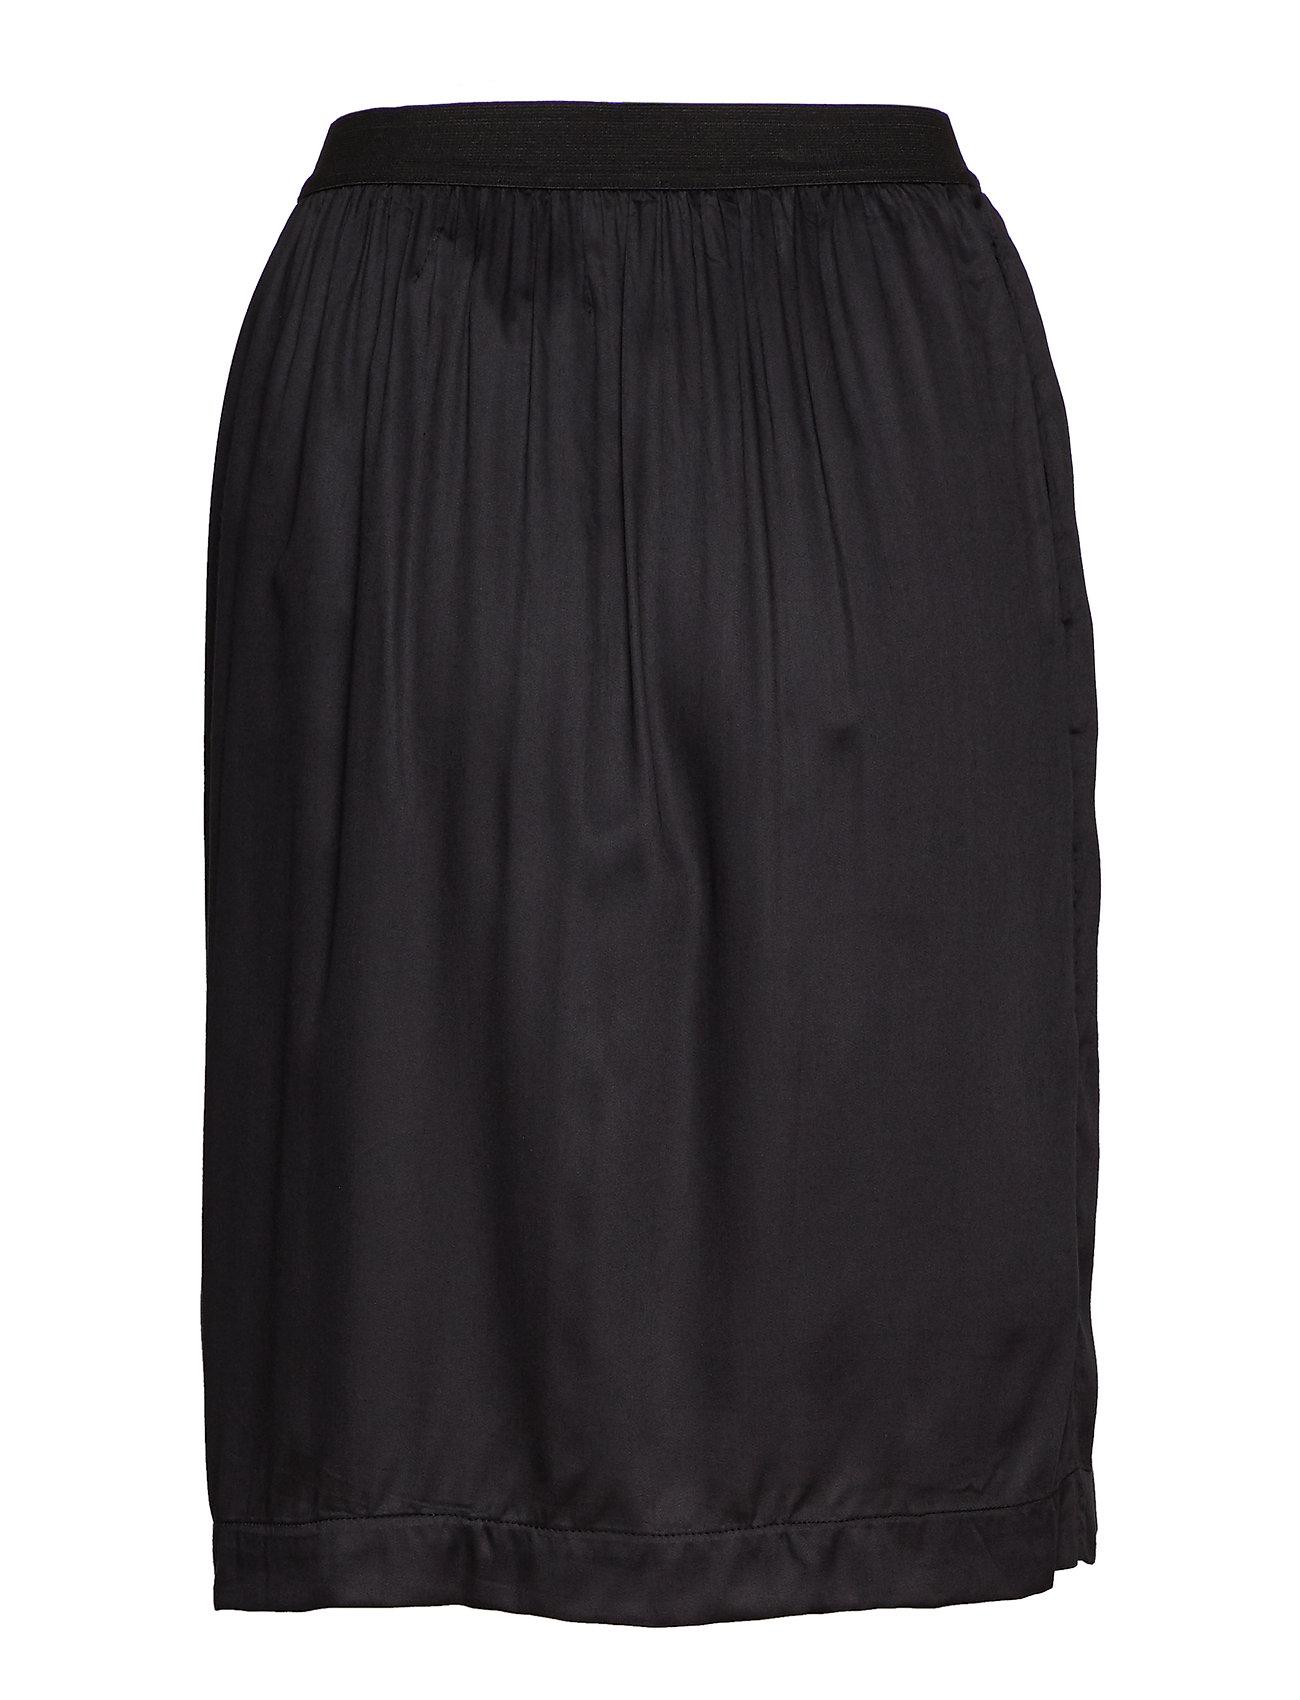 Palma Skirt Knælang Nederdel Sort Moshi Moshi Mind